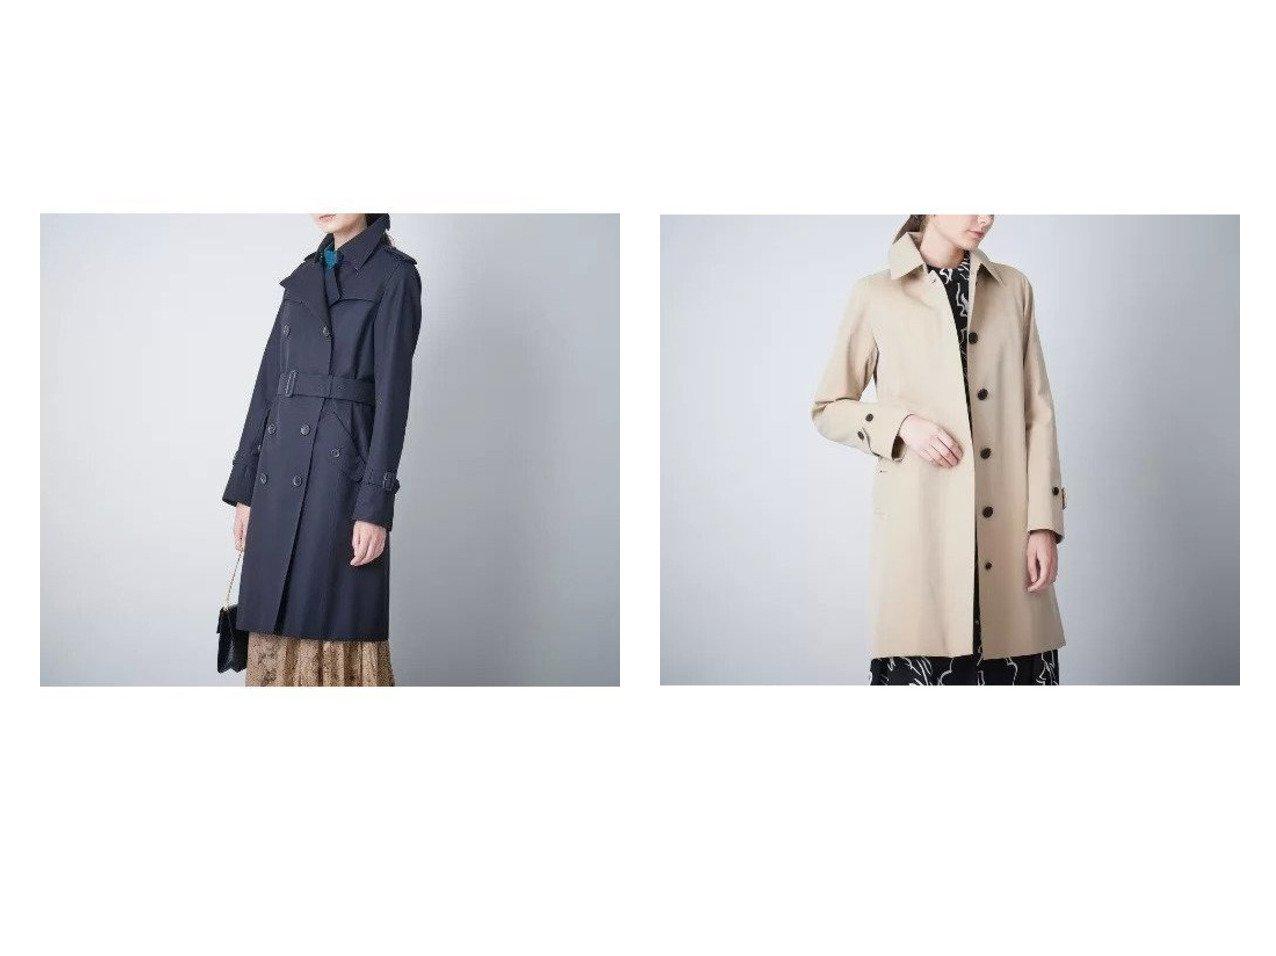 【SANYO/サンヨー】のバルマカーンコート(三陽格子)&ダブルトレンチコート(三陽格子) アウターのおすすめ!人気、レディースファッションの通販  おすすめで人気のファッション通販商品 インテリア・家具・キッズファッション・メンズファッション・レディースファッション・服の通販 founy(ファニー) https://founy.com/ ファッション Fashion レディース WOMEN アウター Coat Outerwear コート Coats トレンチコート Trench Coats エレガント スタンダード ダブル プリーツ ポケット ライナー フロント ループ |ID:crp329100000002349